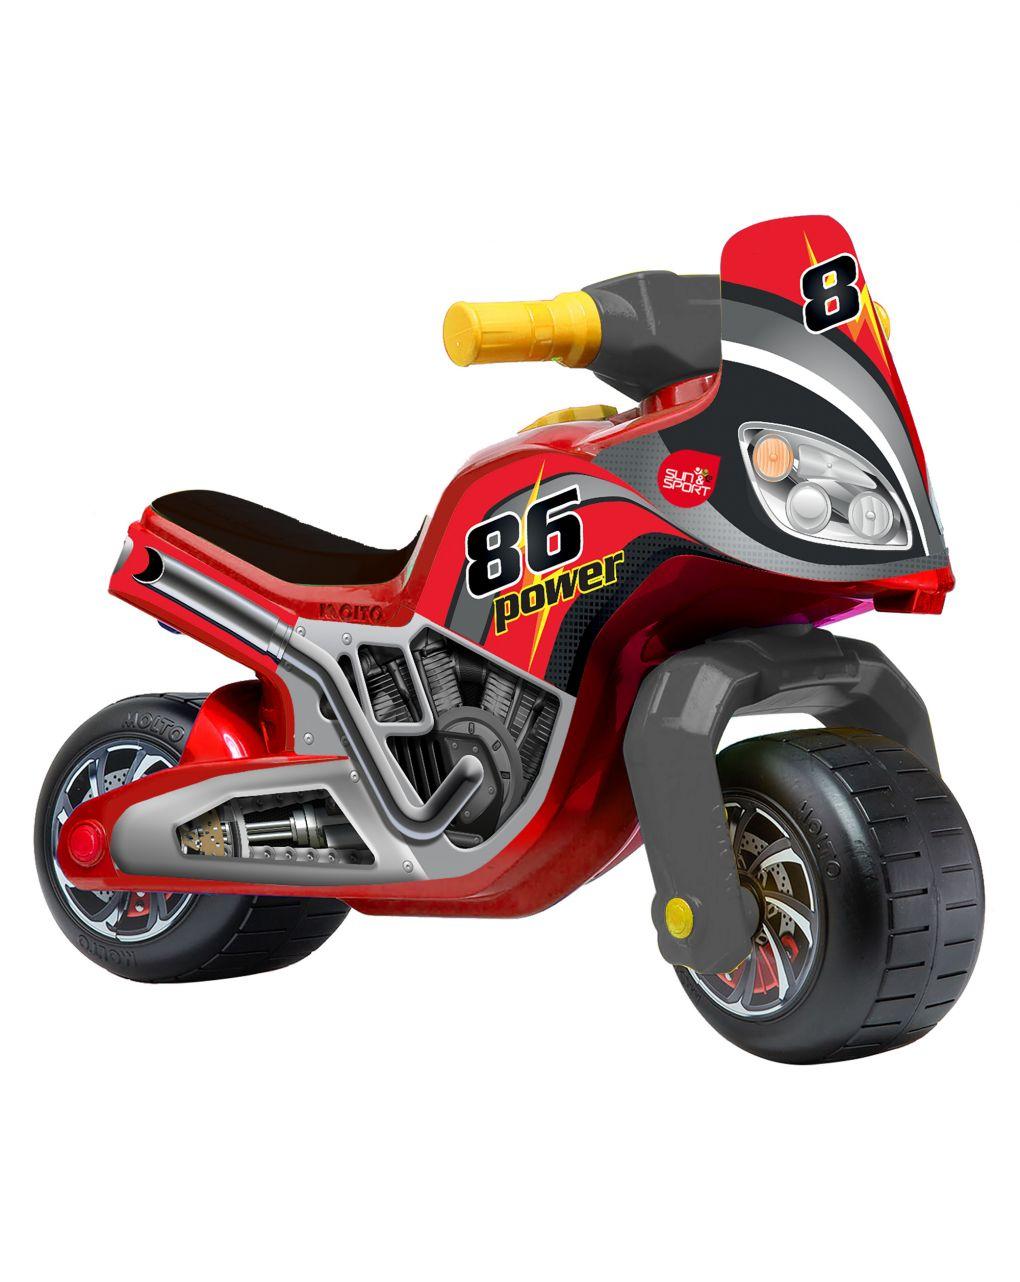 Sun&sport - mini moto cavalcabile - Sun&Sport